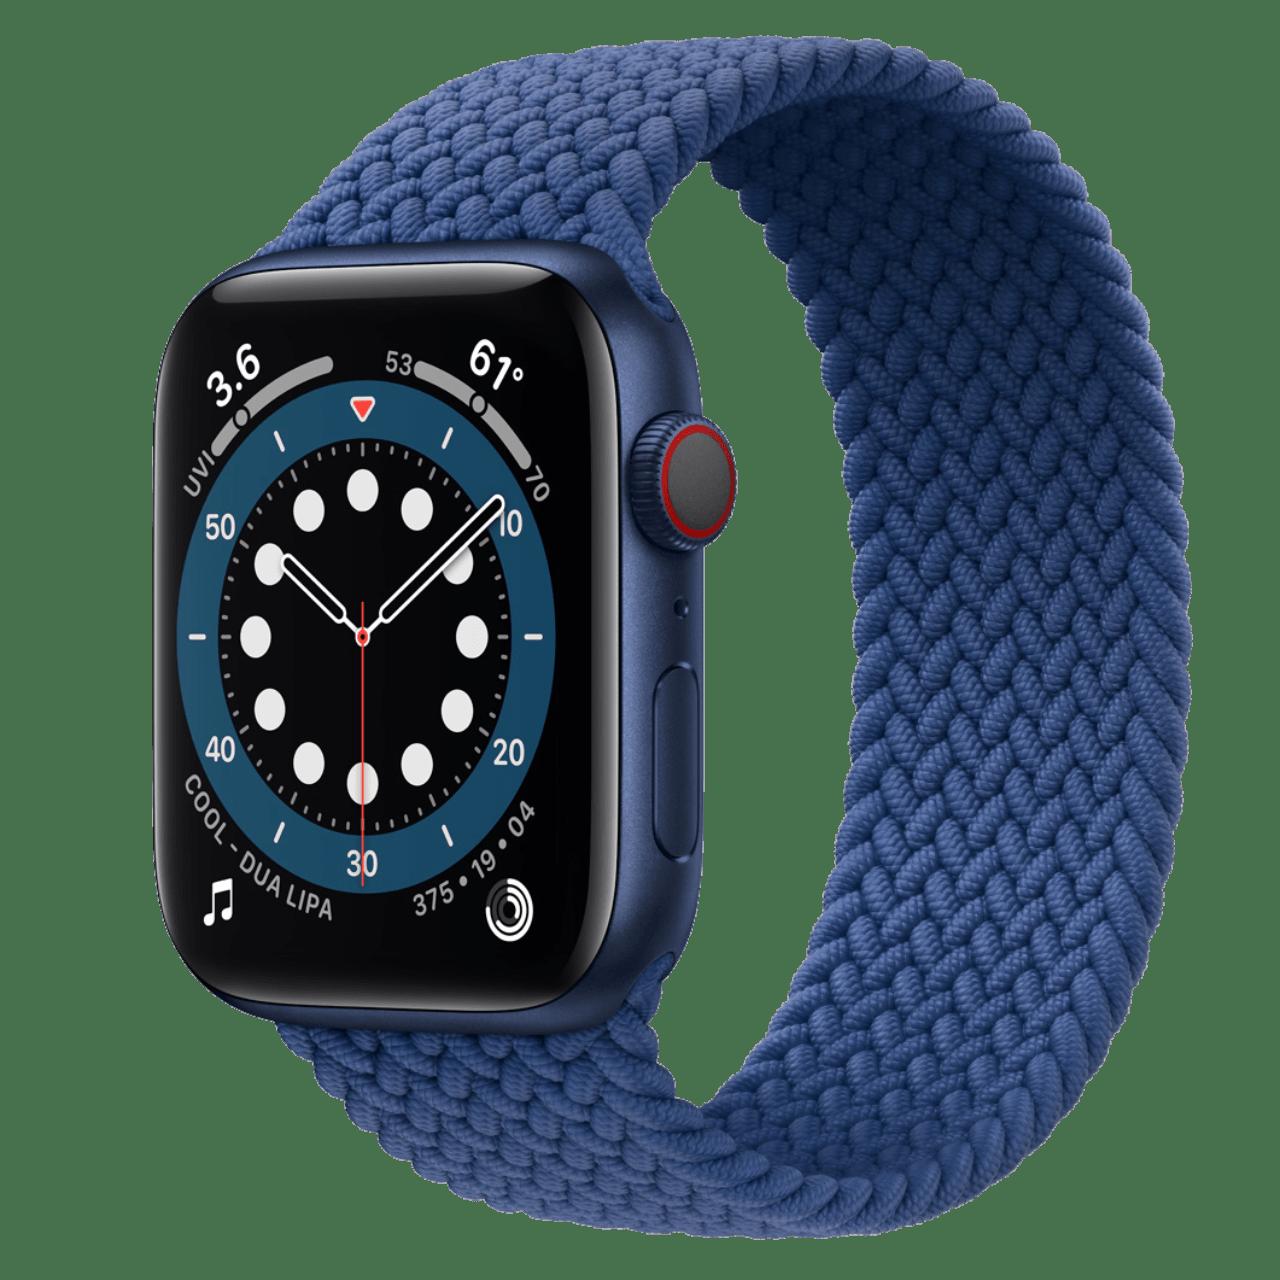 Apple Watch Series 6 : prix, fiche technique, test et actualité - Montres/Bracelet Connectés - Frandroid